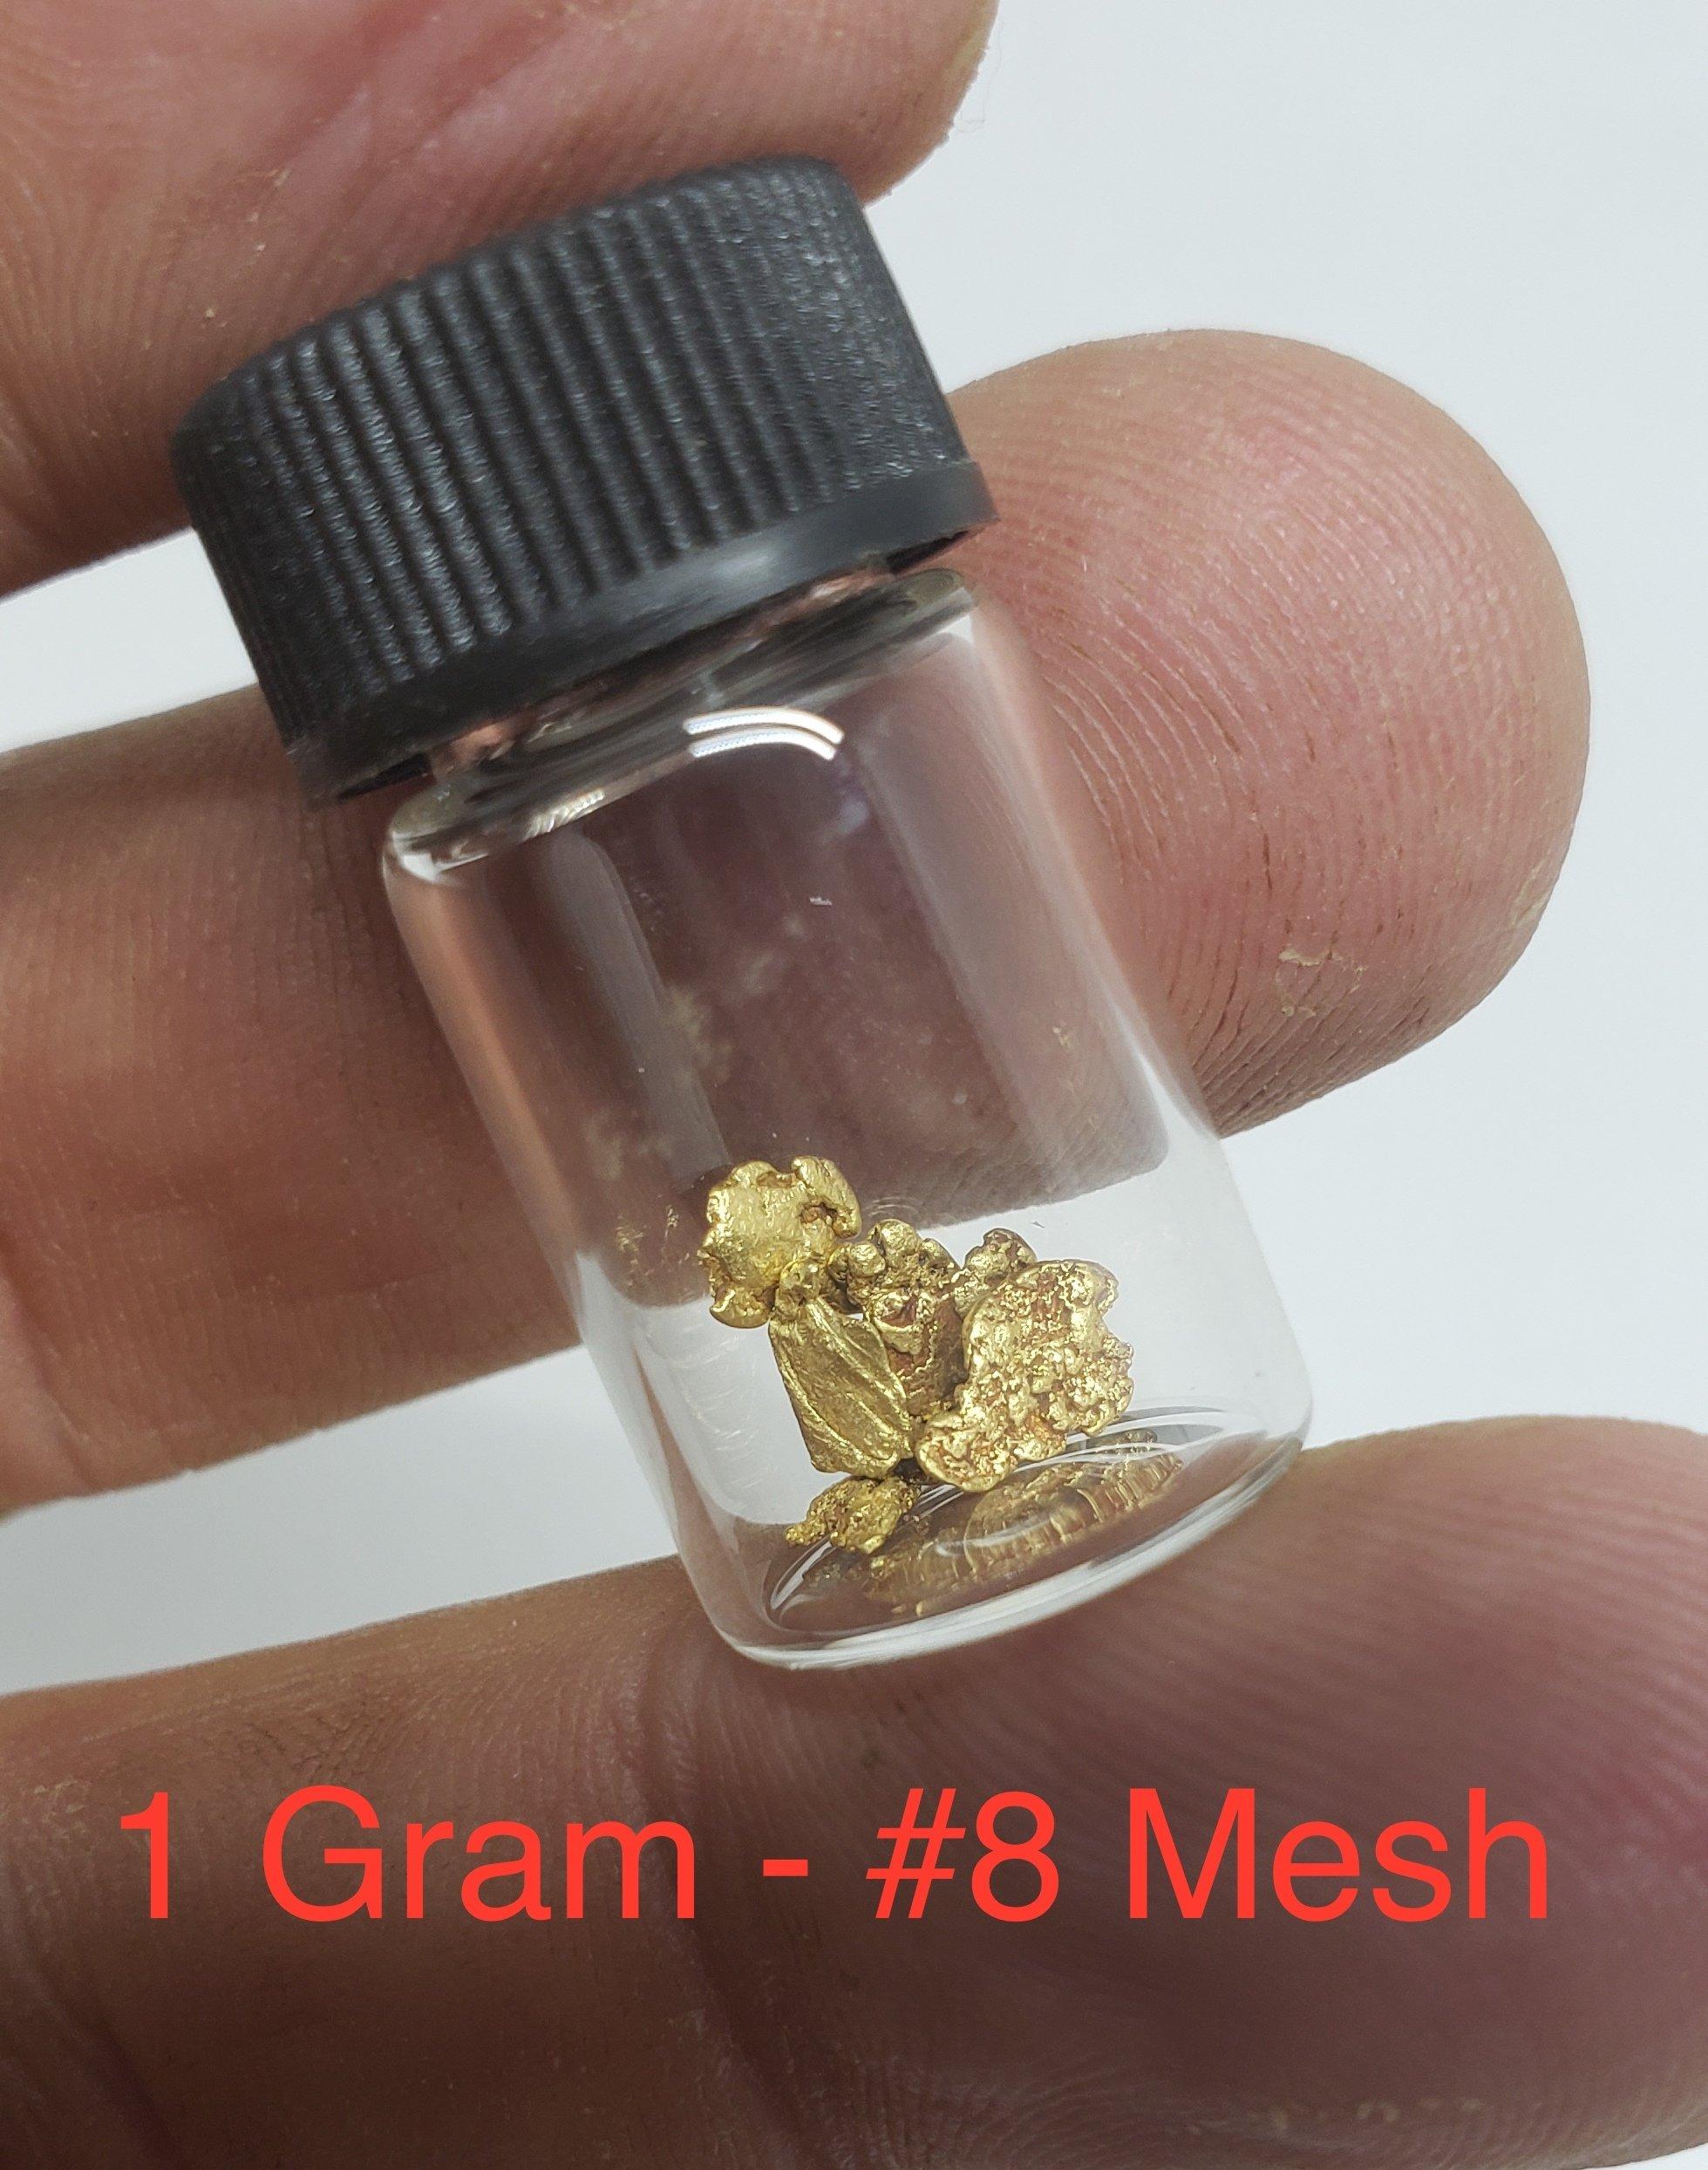 1 gram #8 mesh